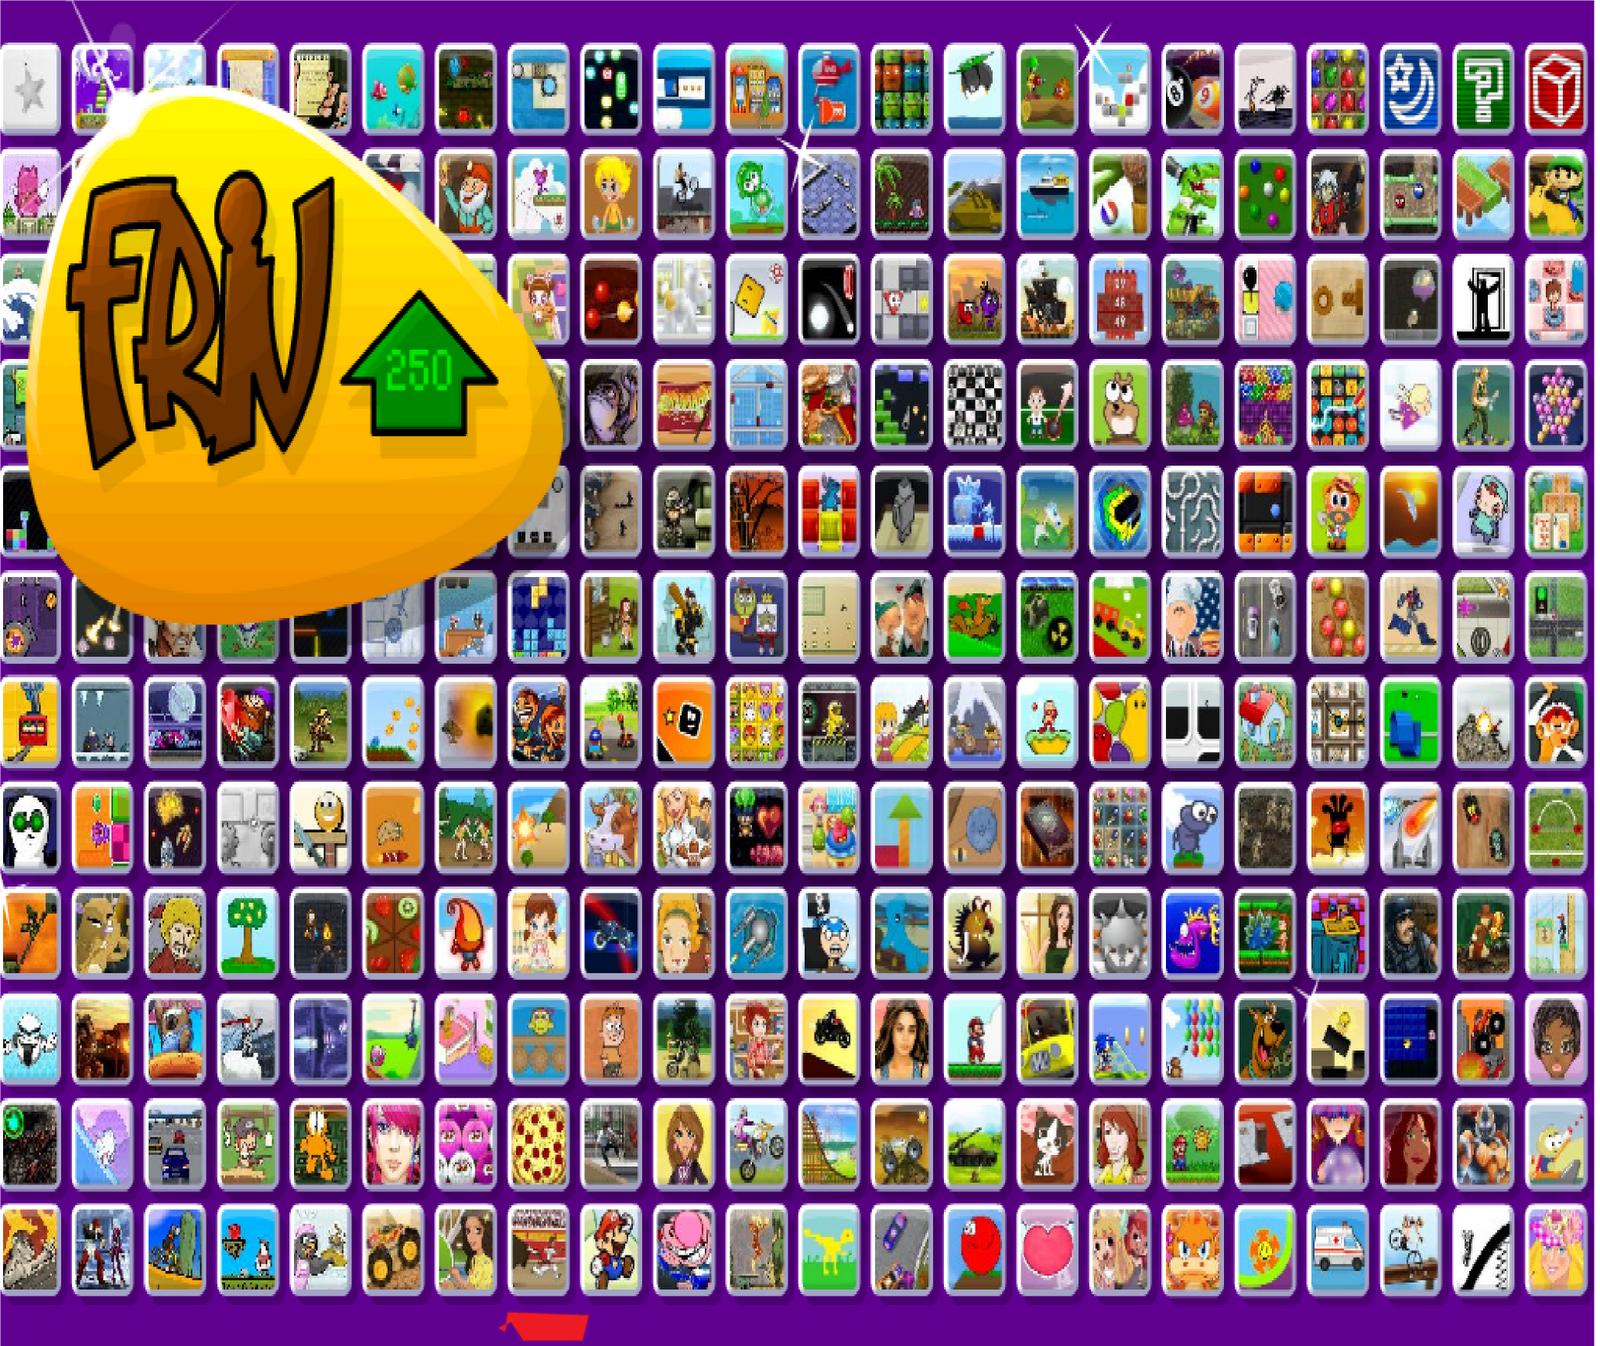 Jogos mary lu jogos do friv jogos do friv stopboris Image collections